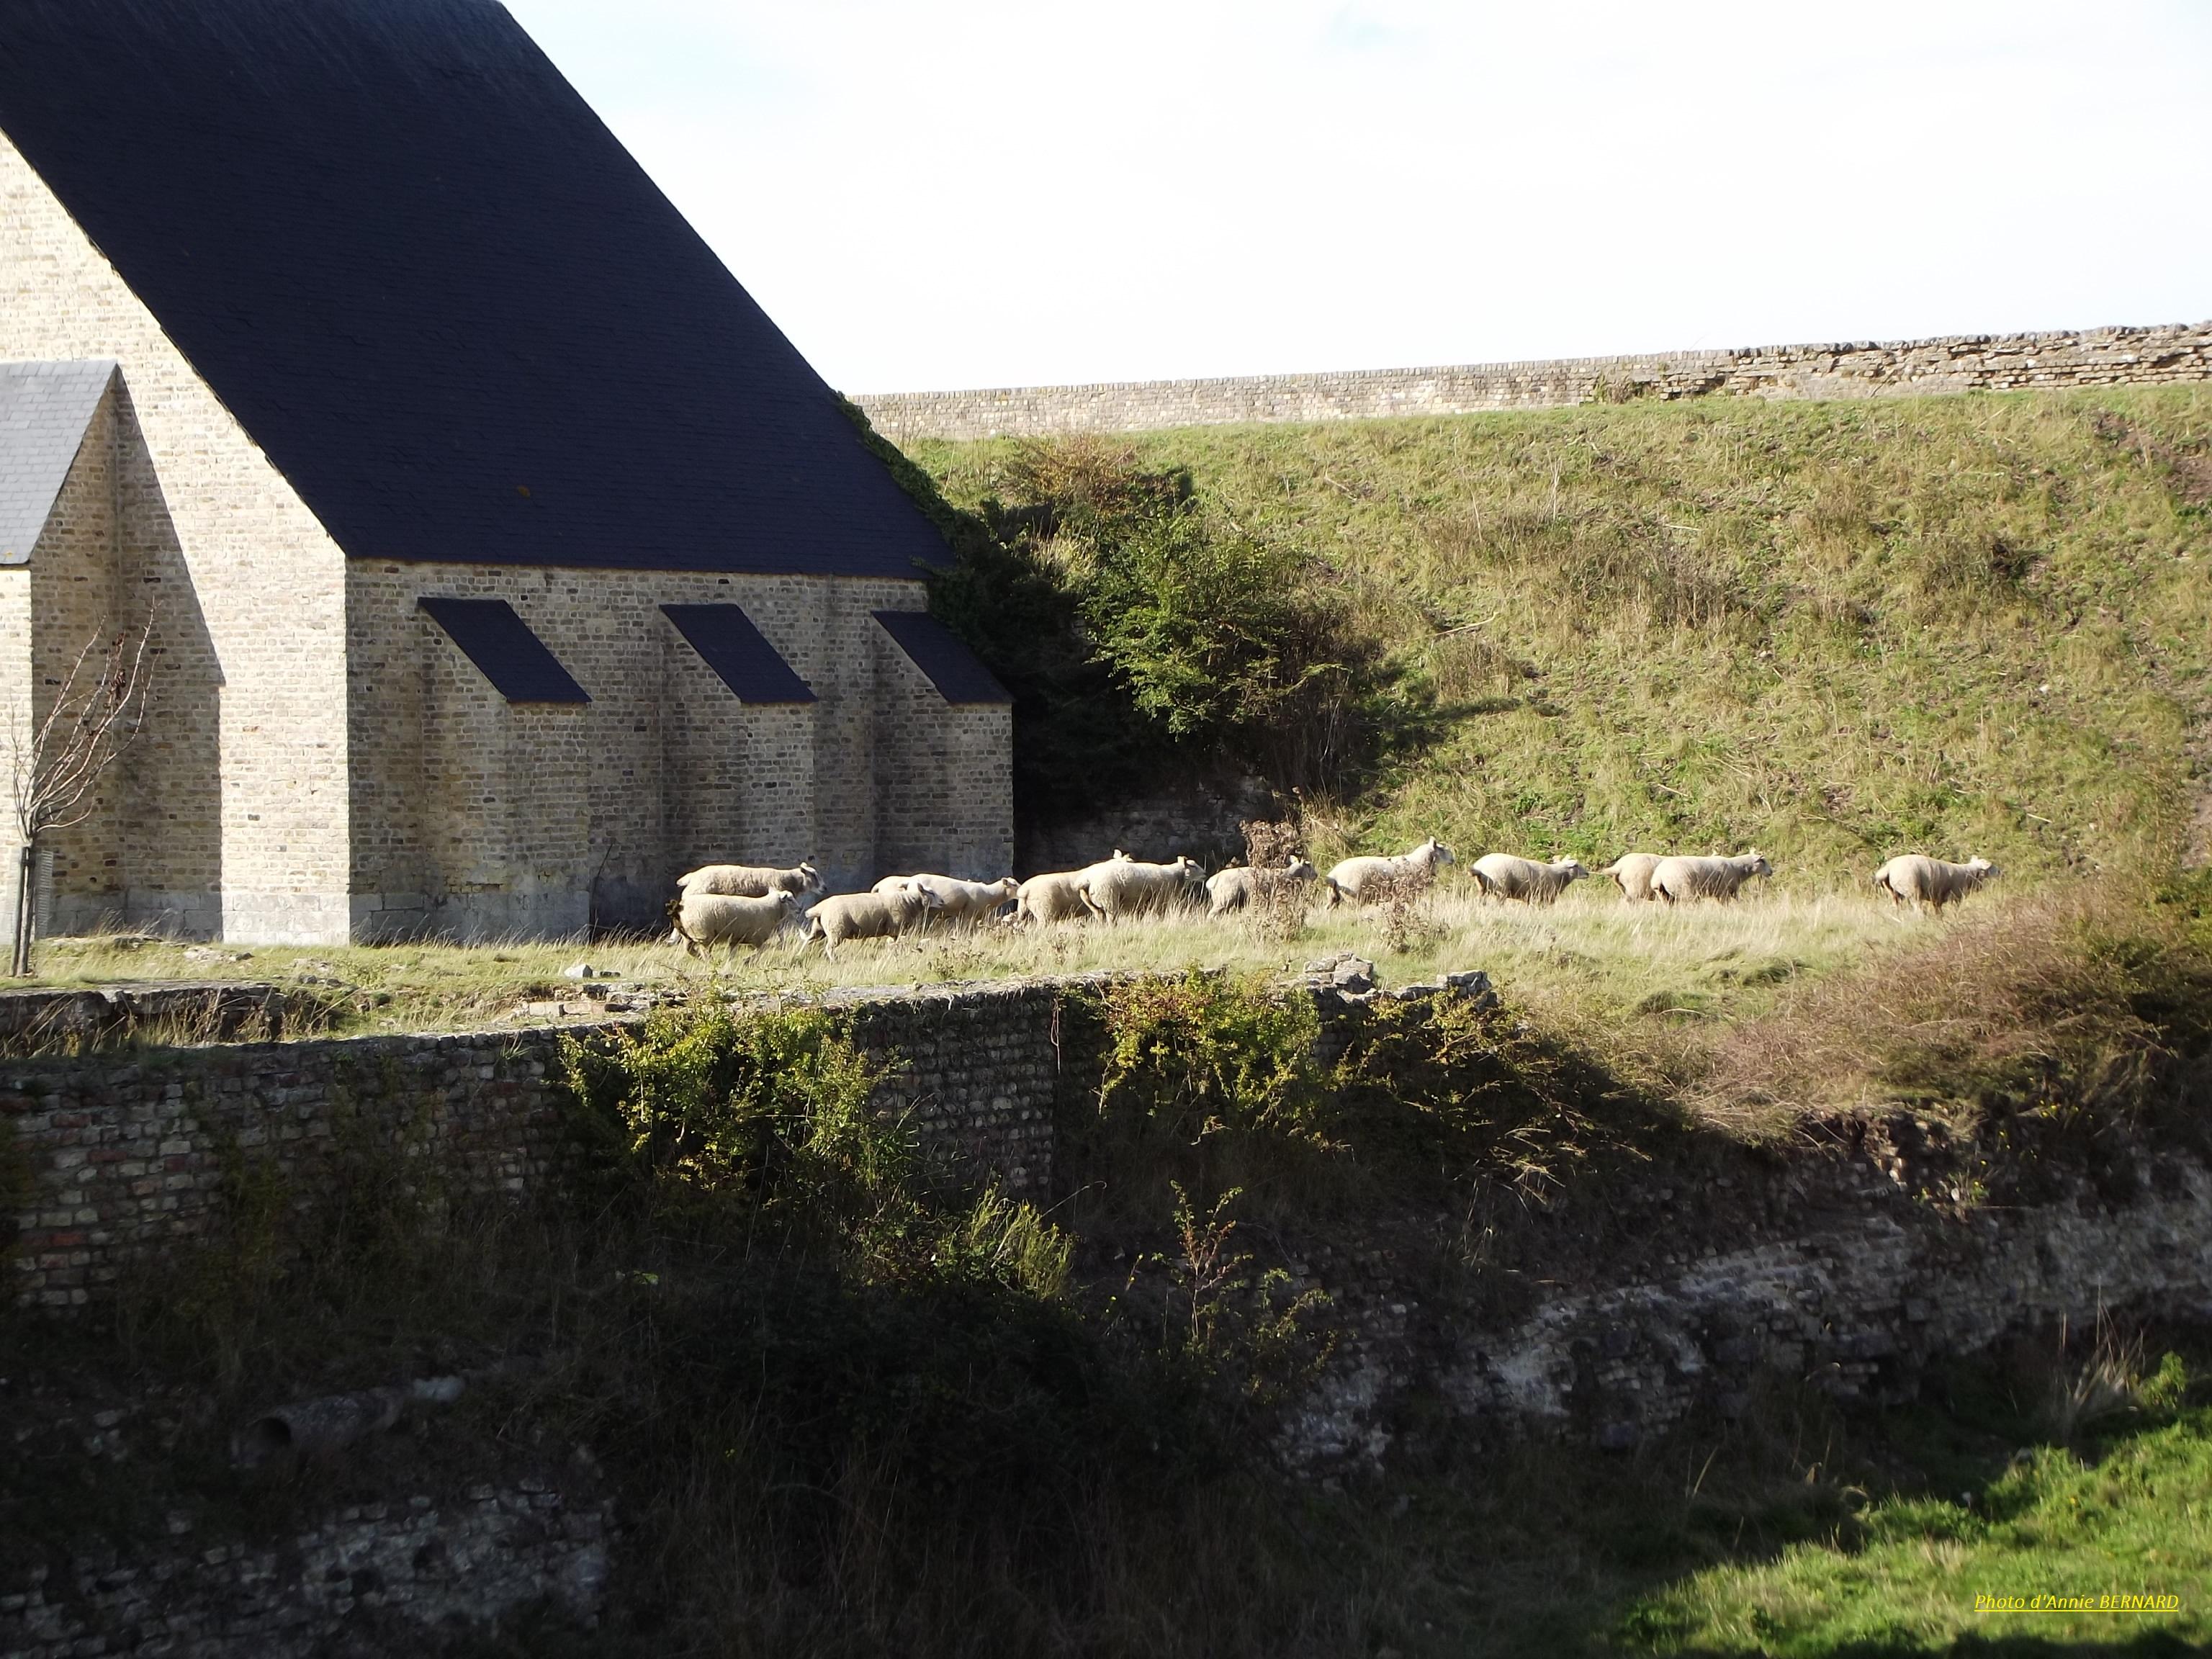 Des moutons en résidence sur le site